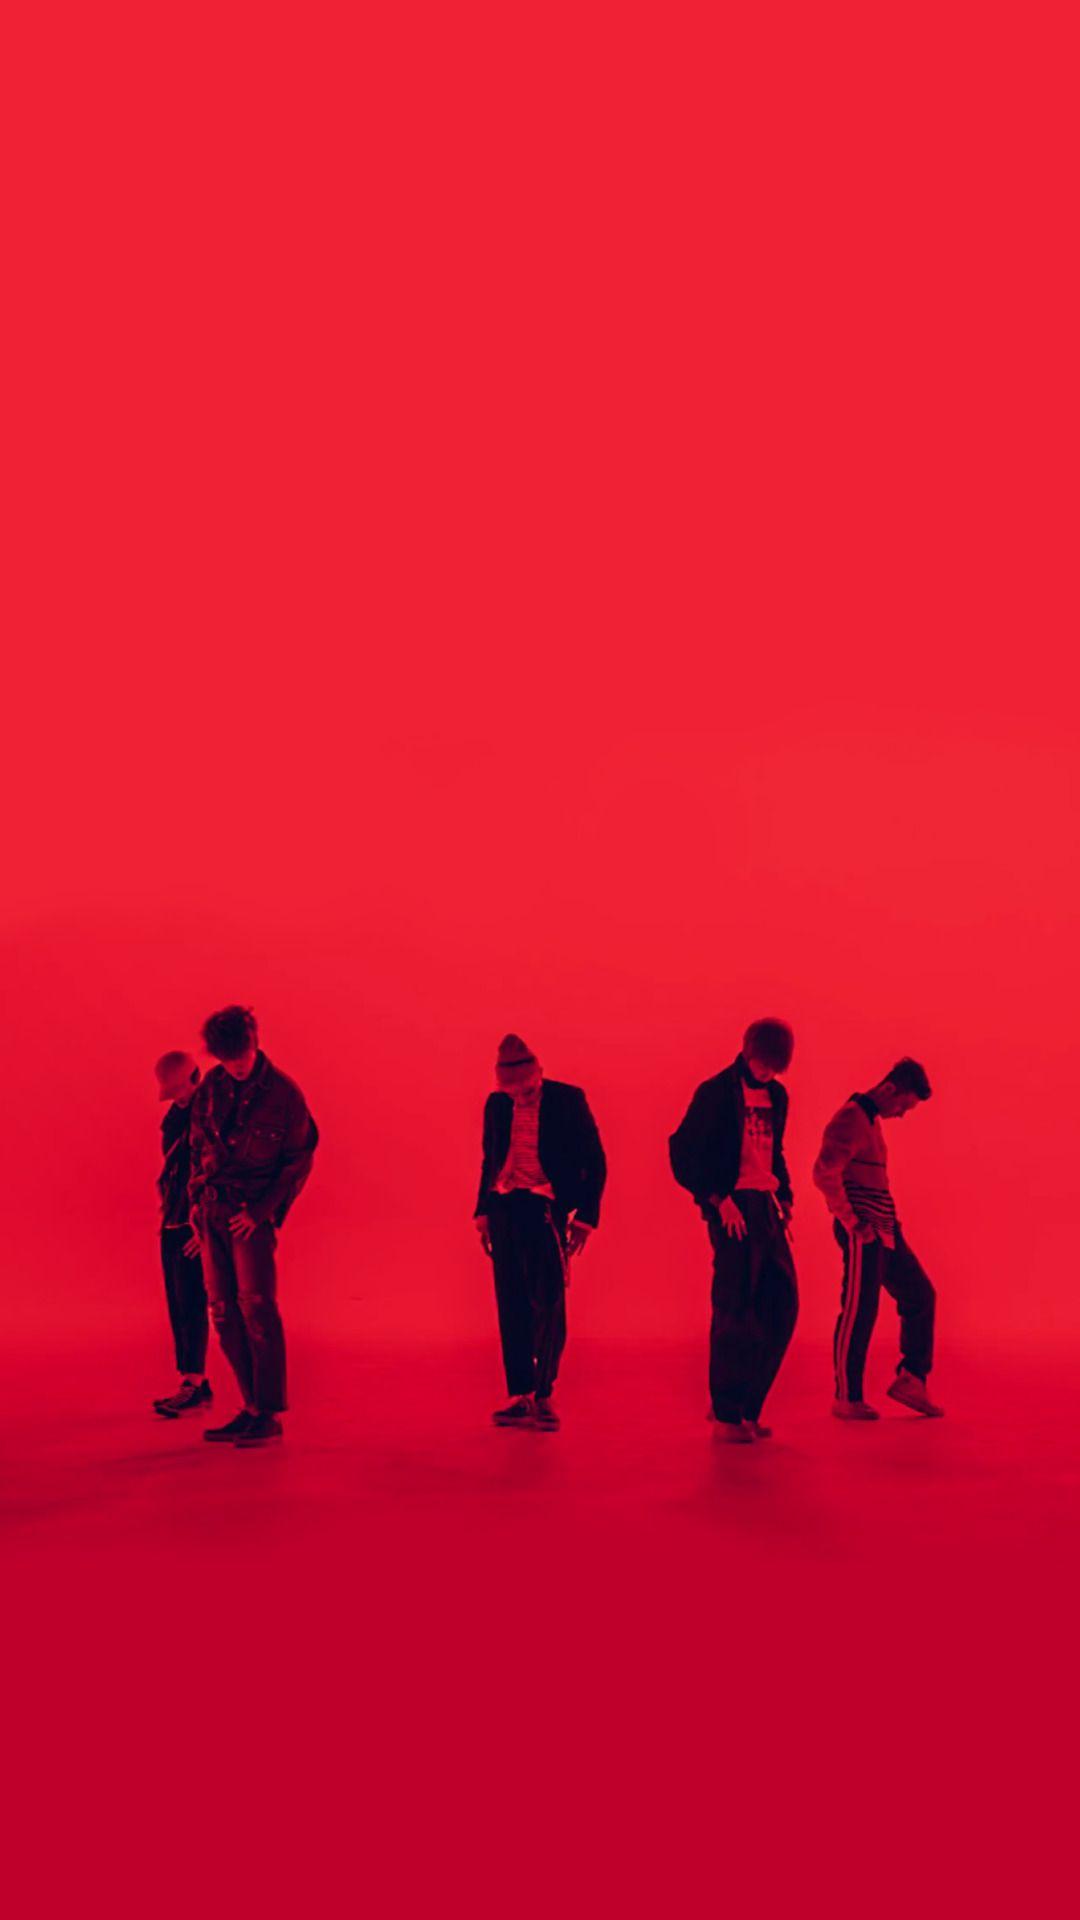 NCT U - The 7th Sense : Mark, Jaehyun, Taeyong, Doyoung ...